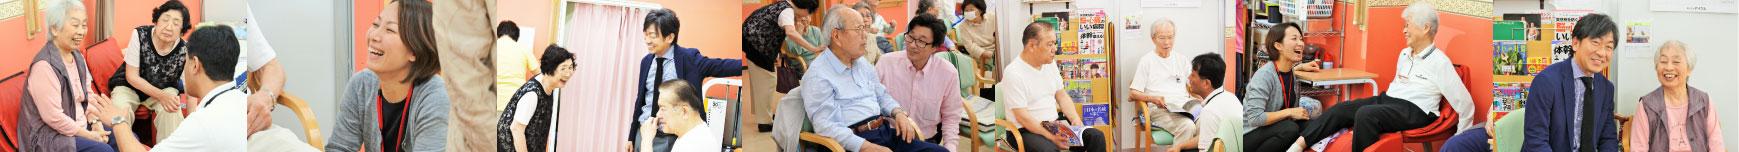 銀齢ホームでは、専門知識を持ったコーディネーターが、ご入居者様おひとりおひとりに合った老人ホーム探しをお手伝いいたします。